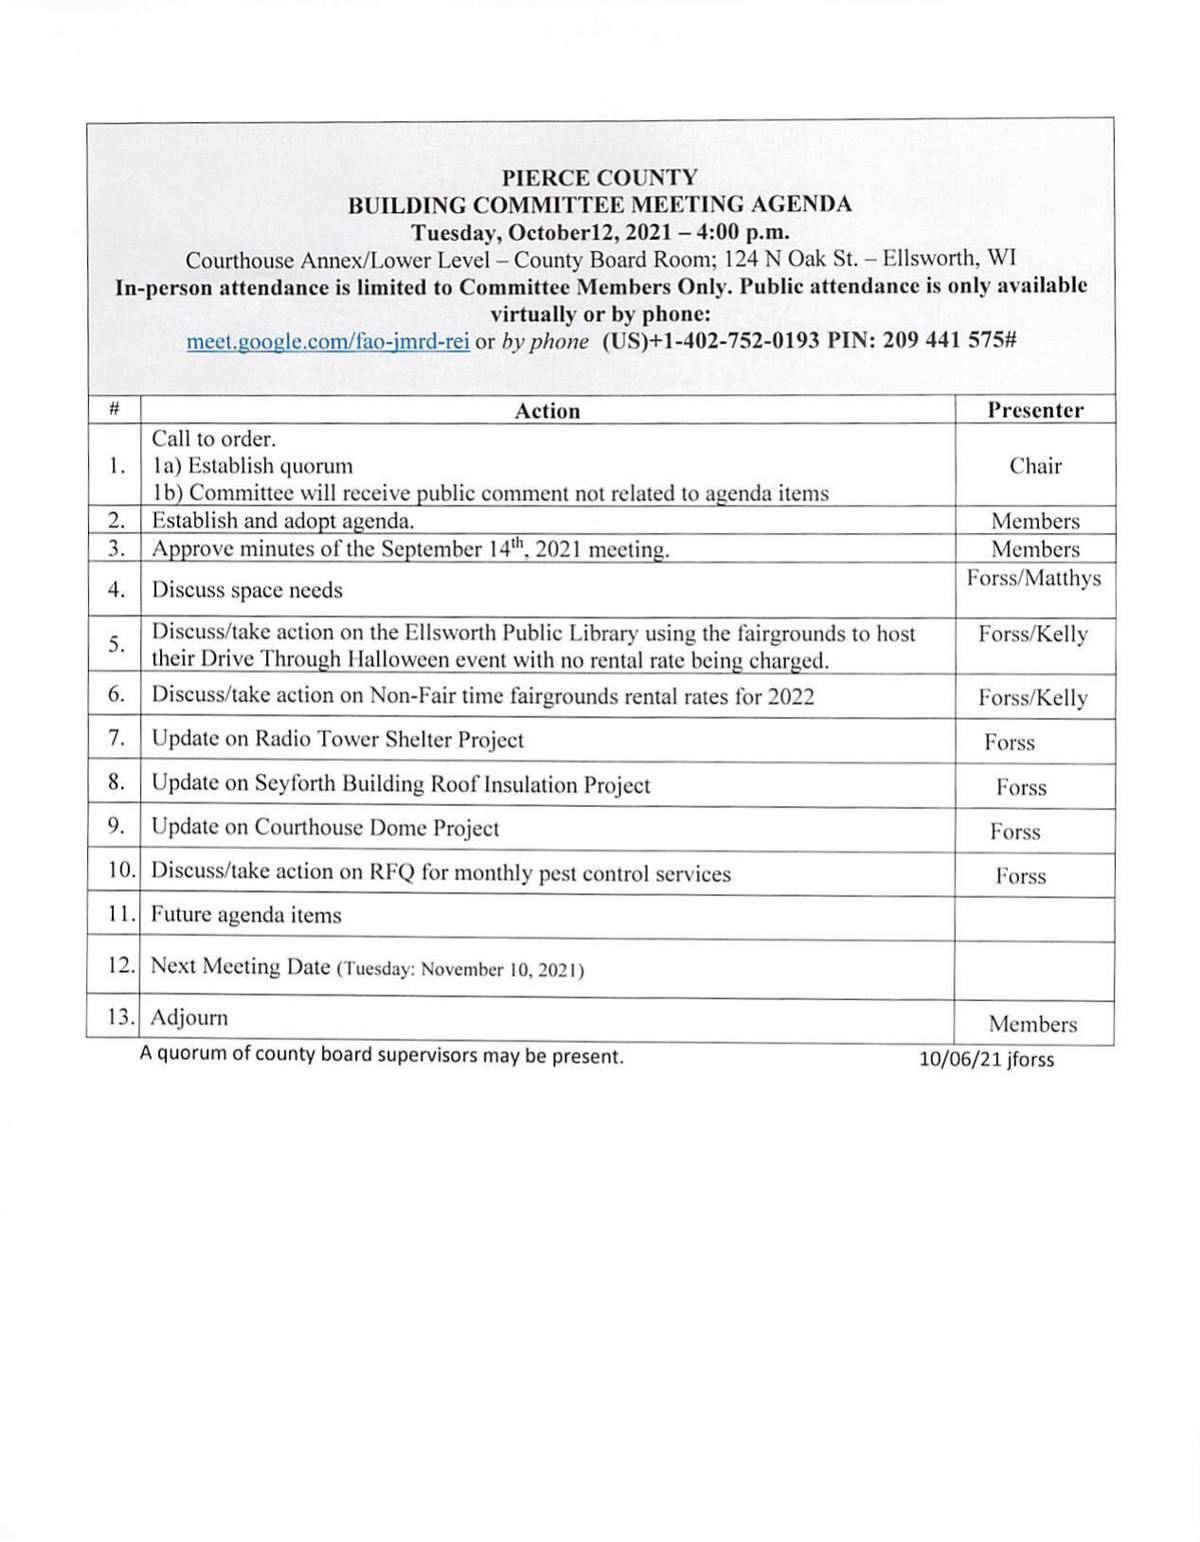 Agenda: Pierce County Building Committee Oct. 12